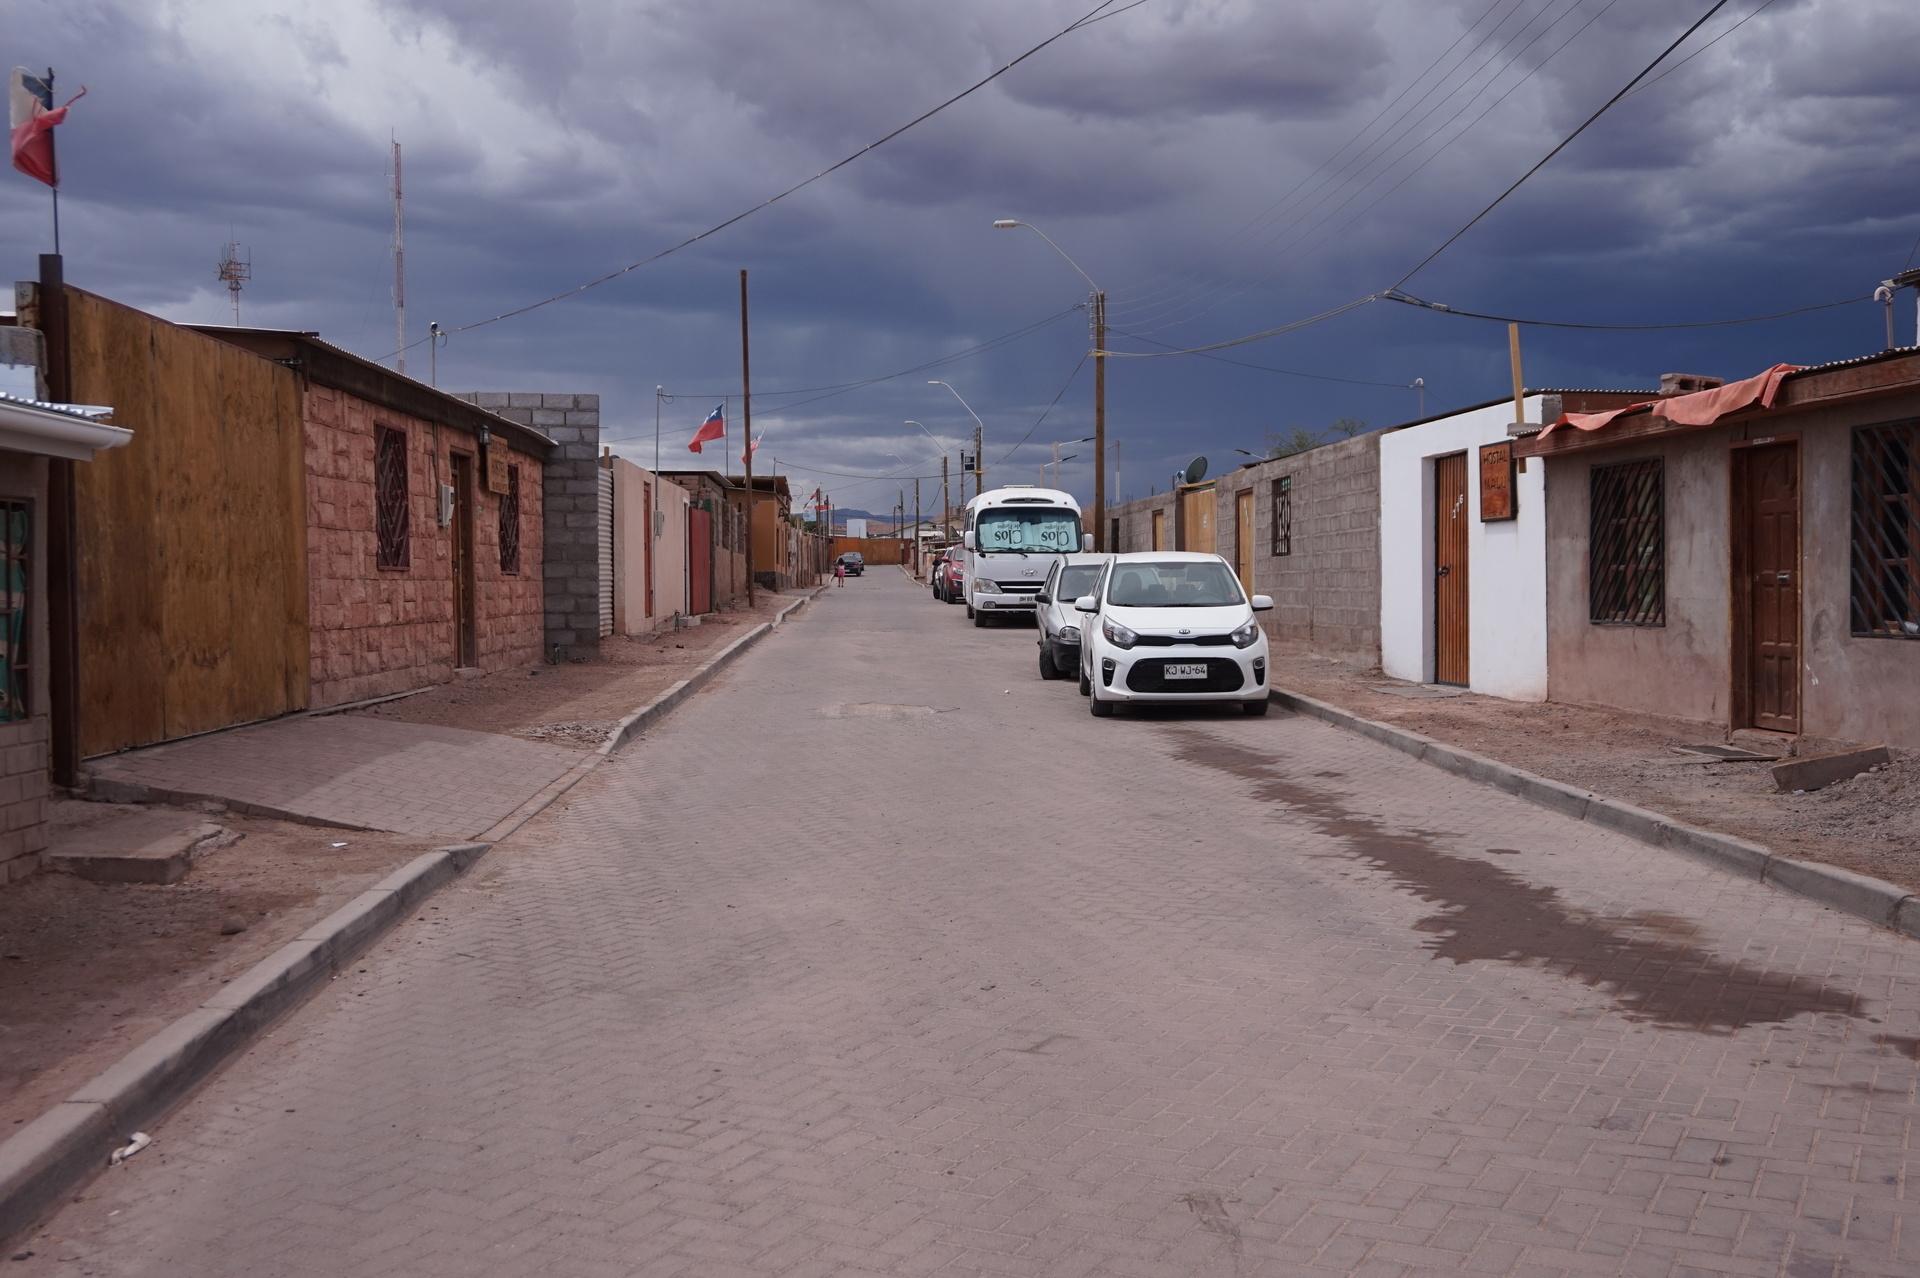 チリ ボリビア ウユニ旅行 アタカマ 町並み